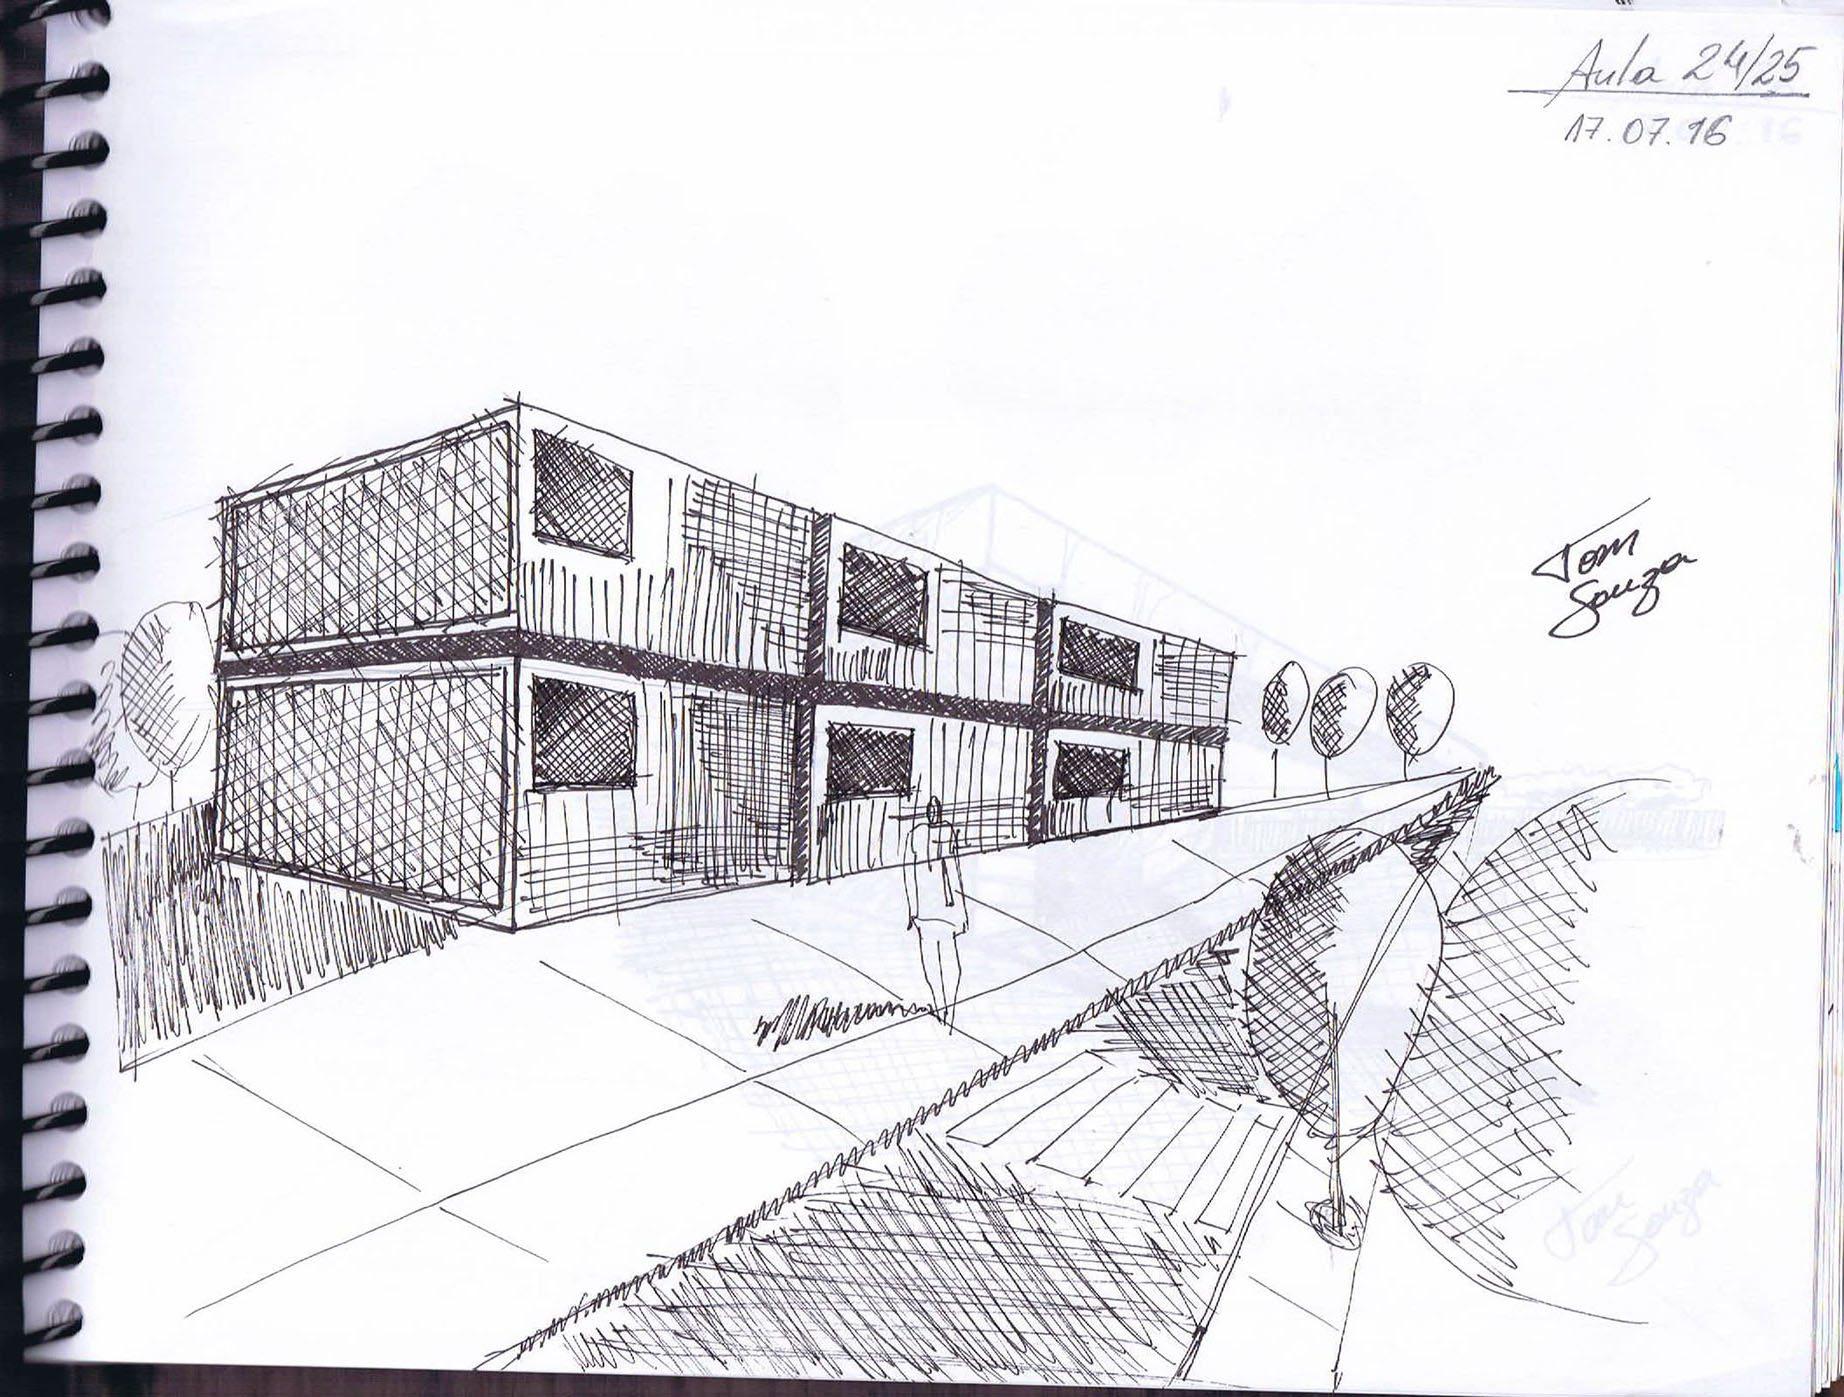 curso perspectivas mão livre anderson de souza ferreira04 - Trabalhos de Perspectiva a Mão Livre